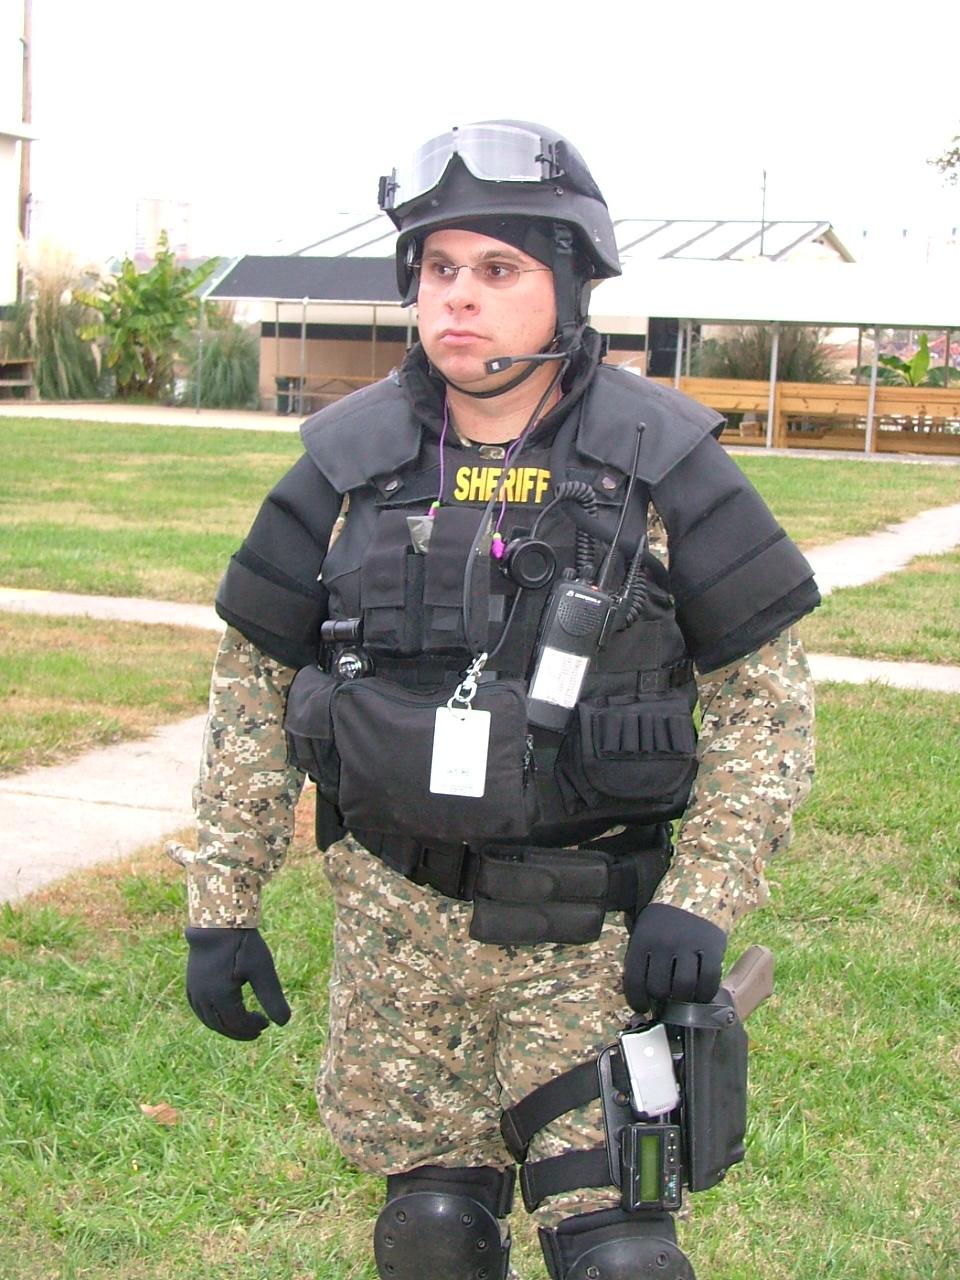 SWAT%2010%2013%2007%20033.jpg